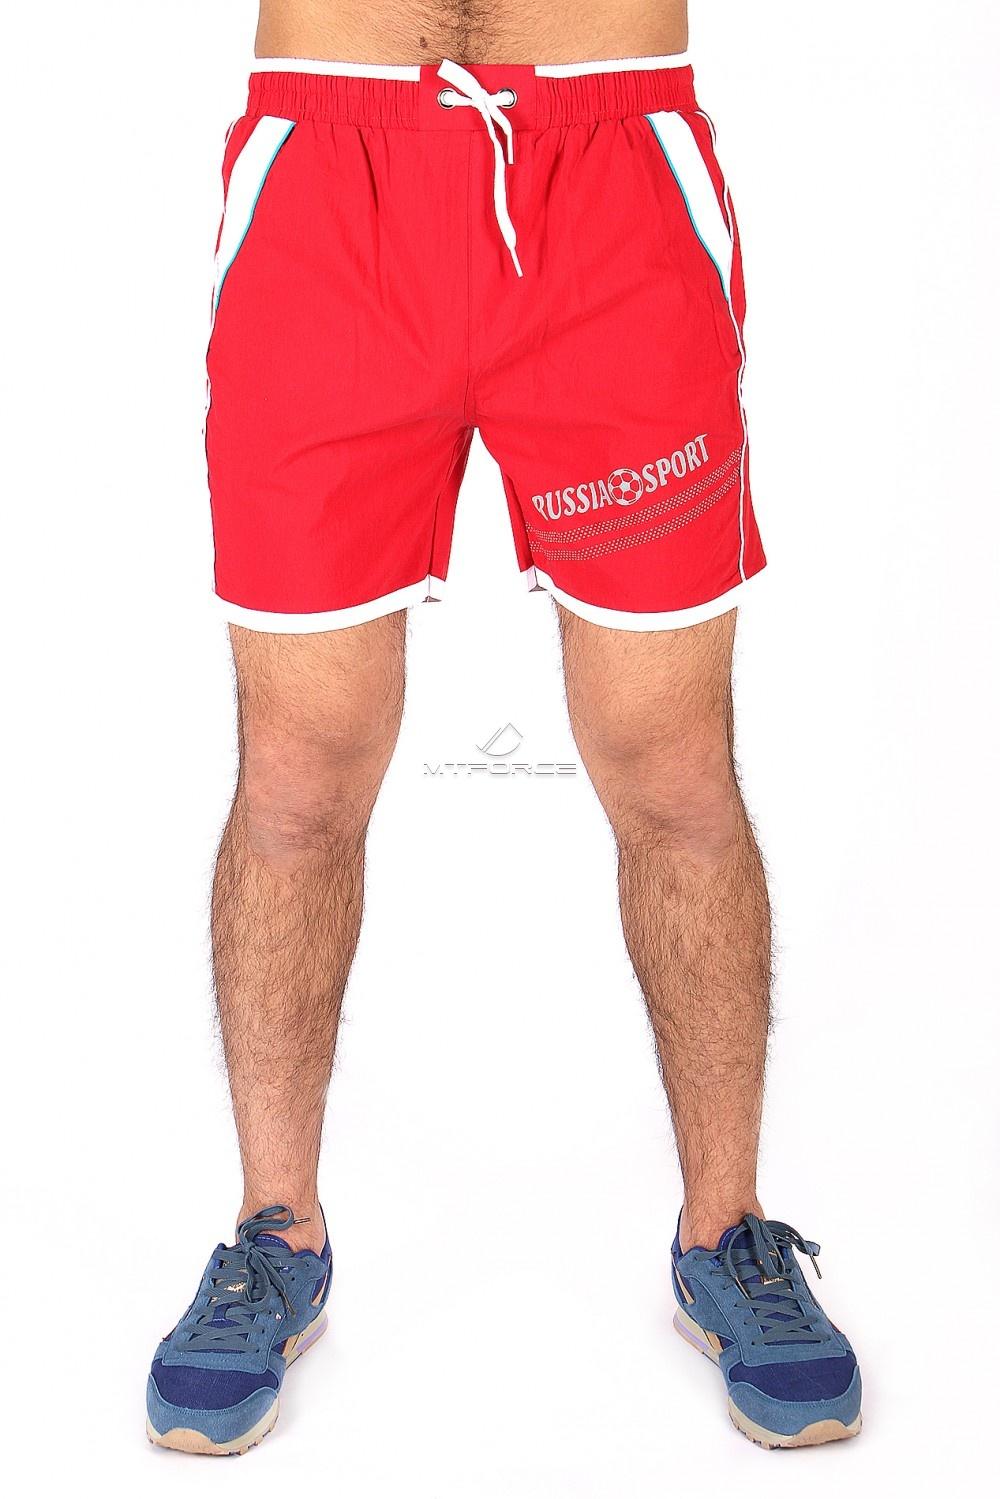 Купить                                  оптом Спортивные шорты красного цвета 503Kr в Новосибирске